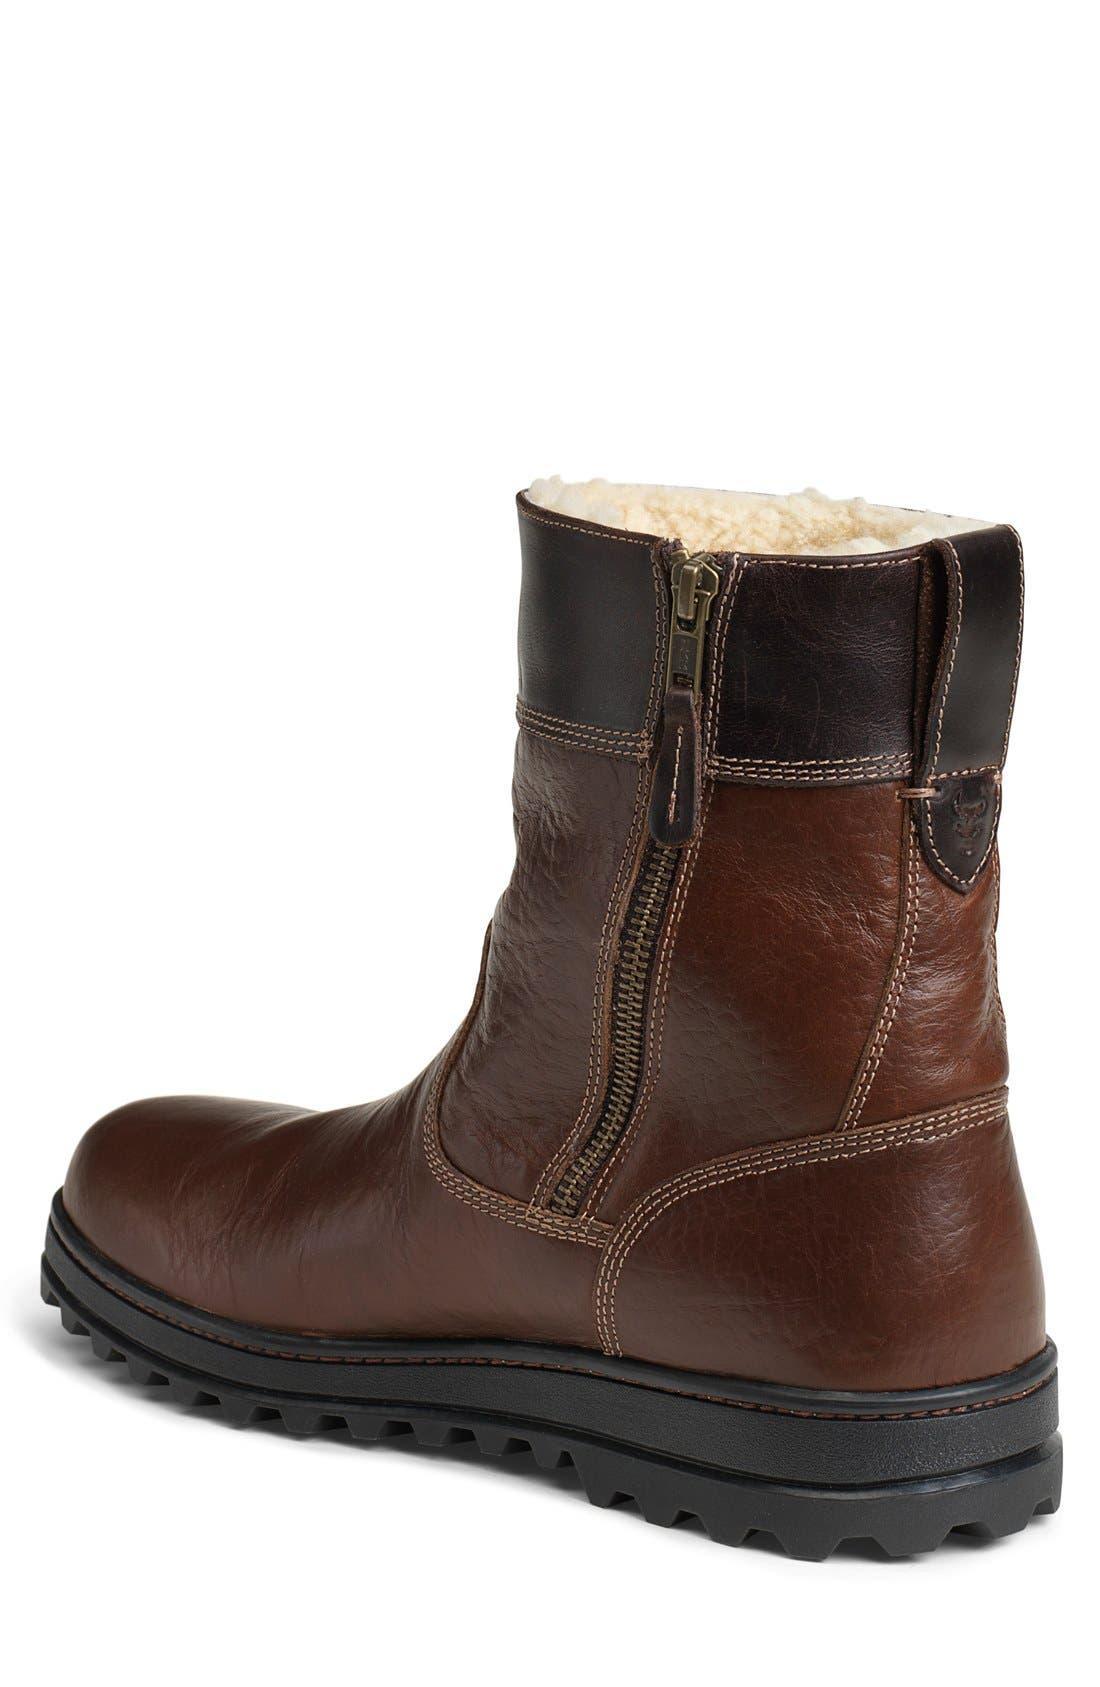 'Winslow' Plain Toe Boot,                             Alternate thumbnail 2, color,